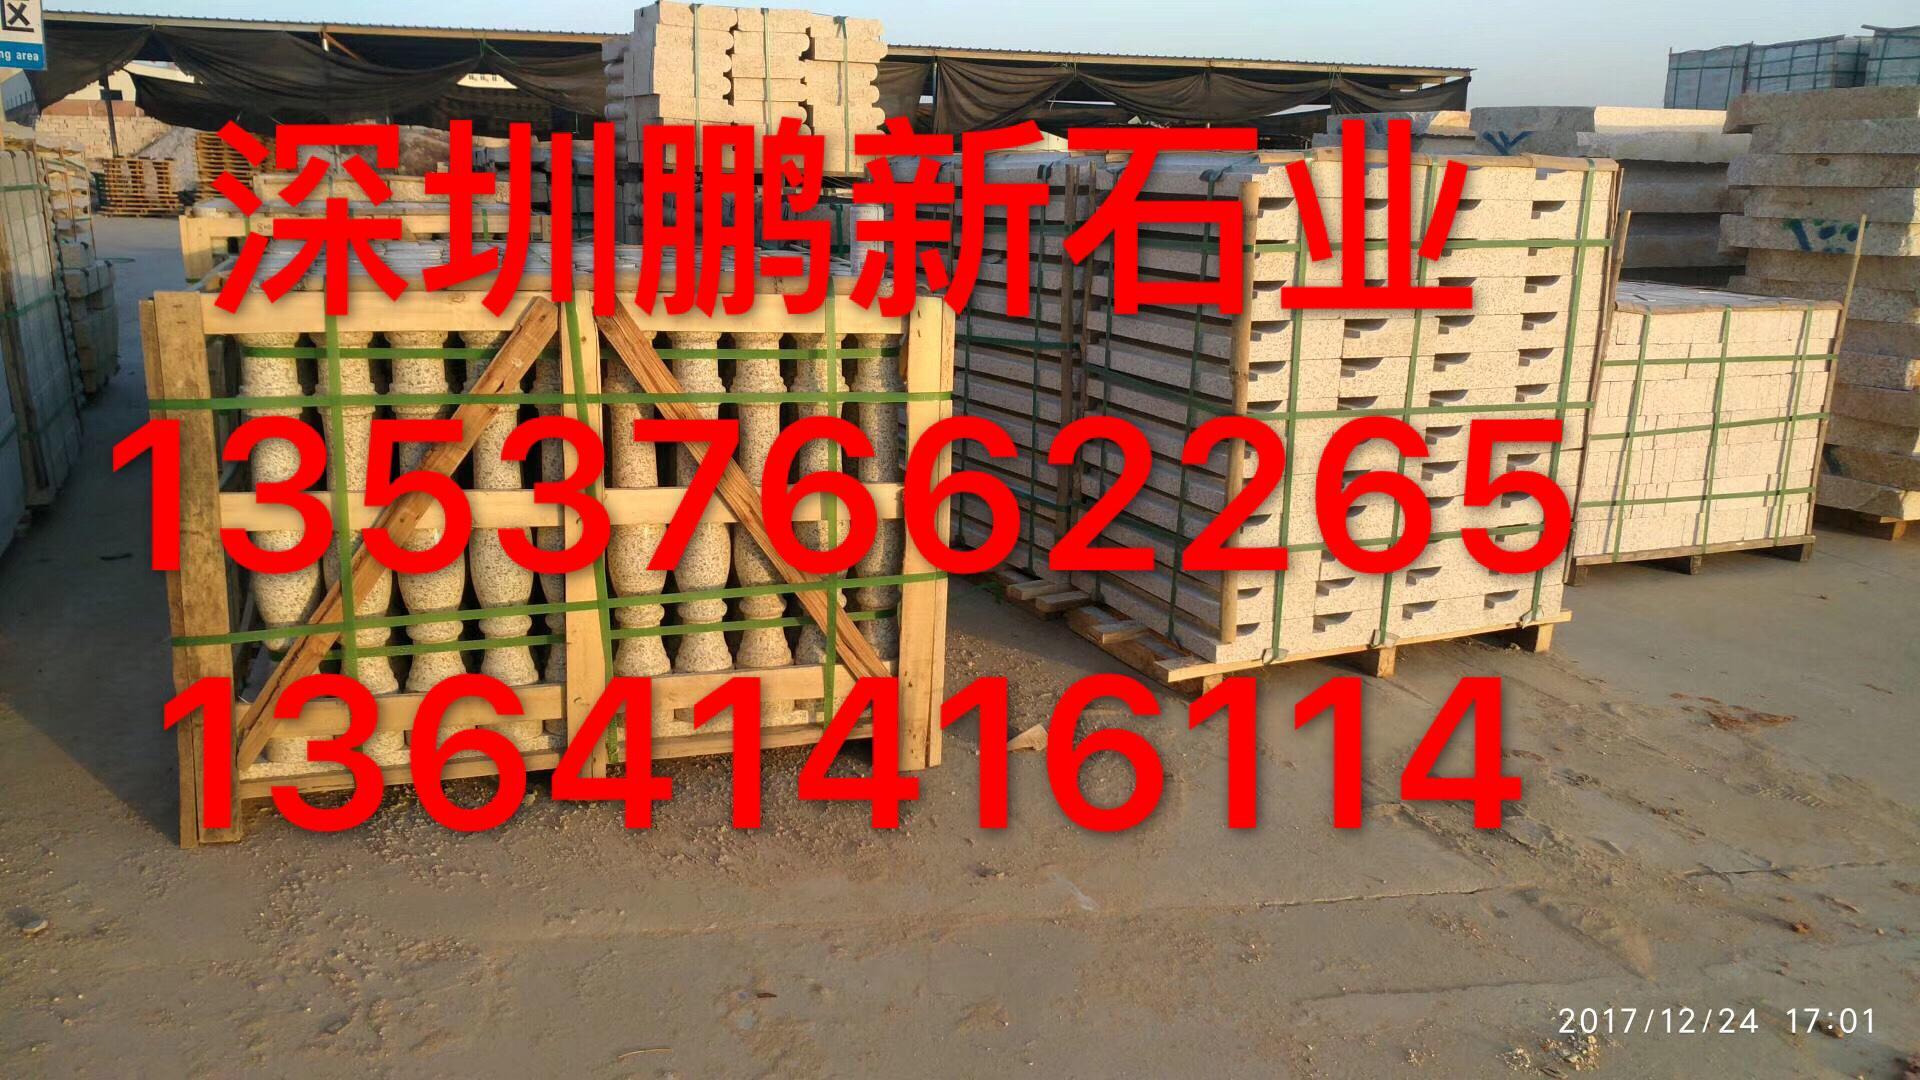 深圳石材市場 深圳三磊石材 深圳市三磊石材 東莞大理石 3